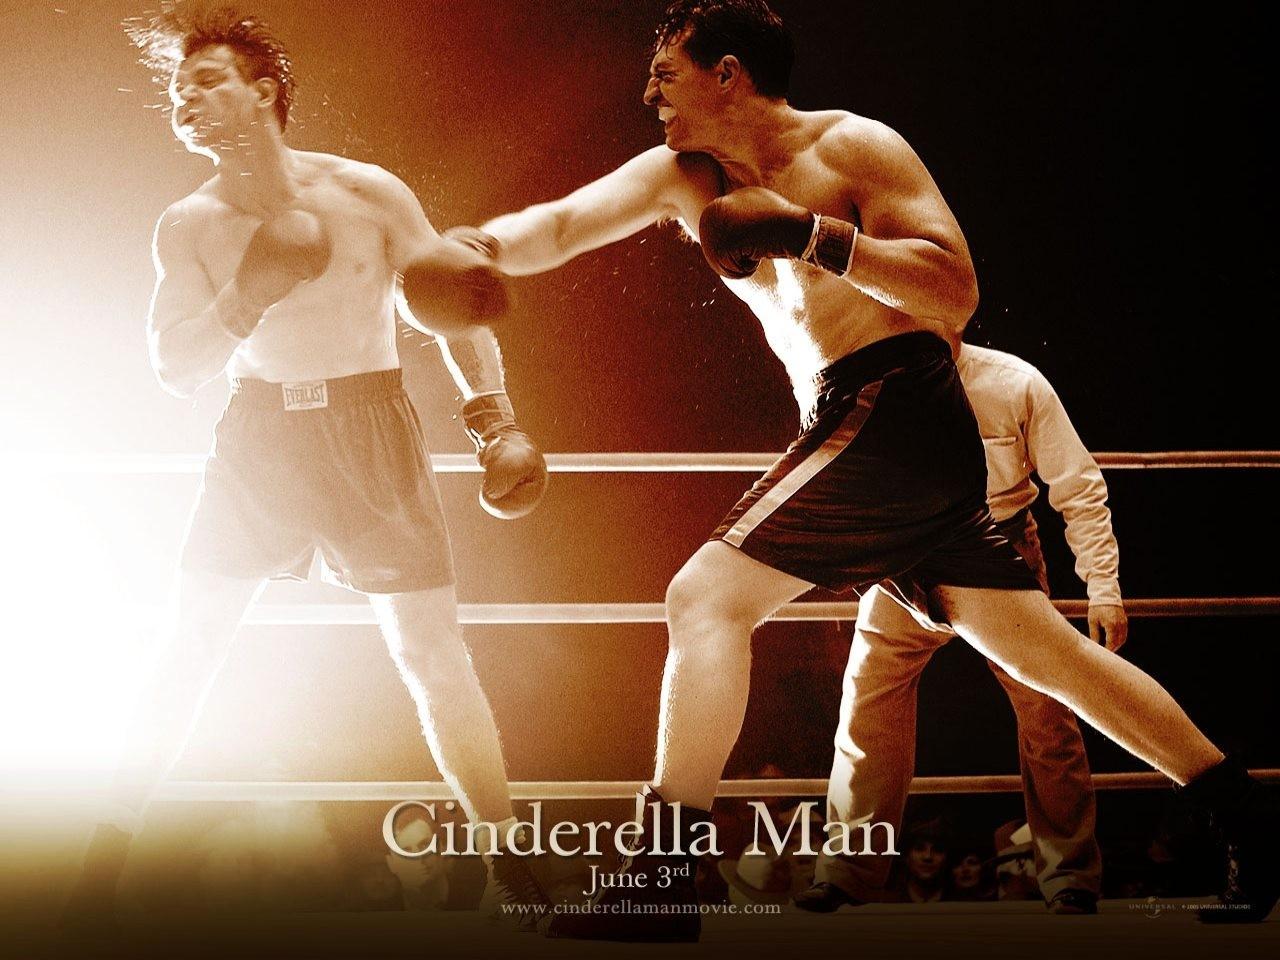 Wallpaper del film Cinderella man - Una ragione per lottare